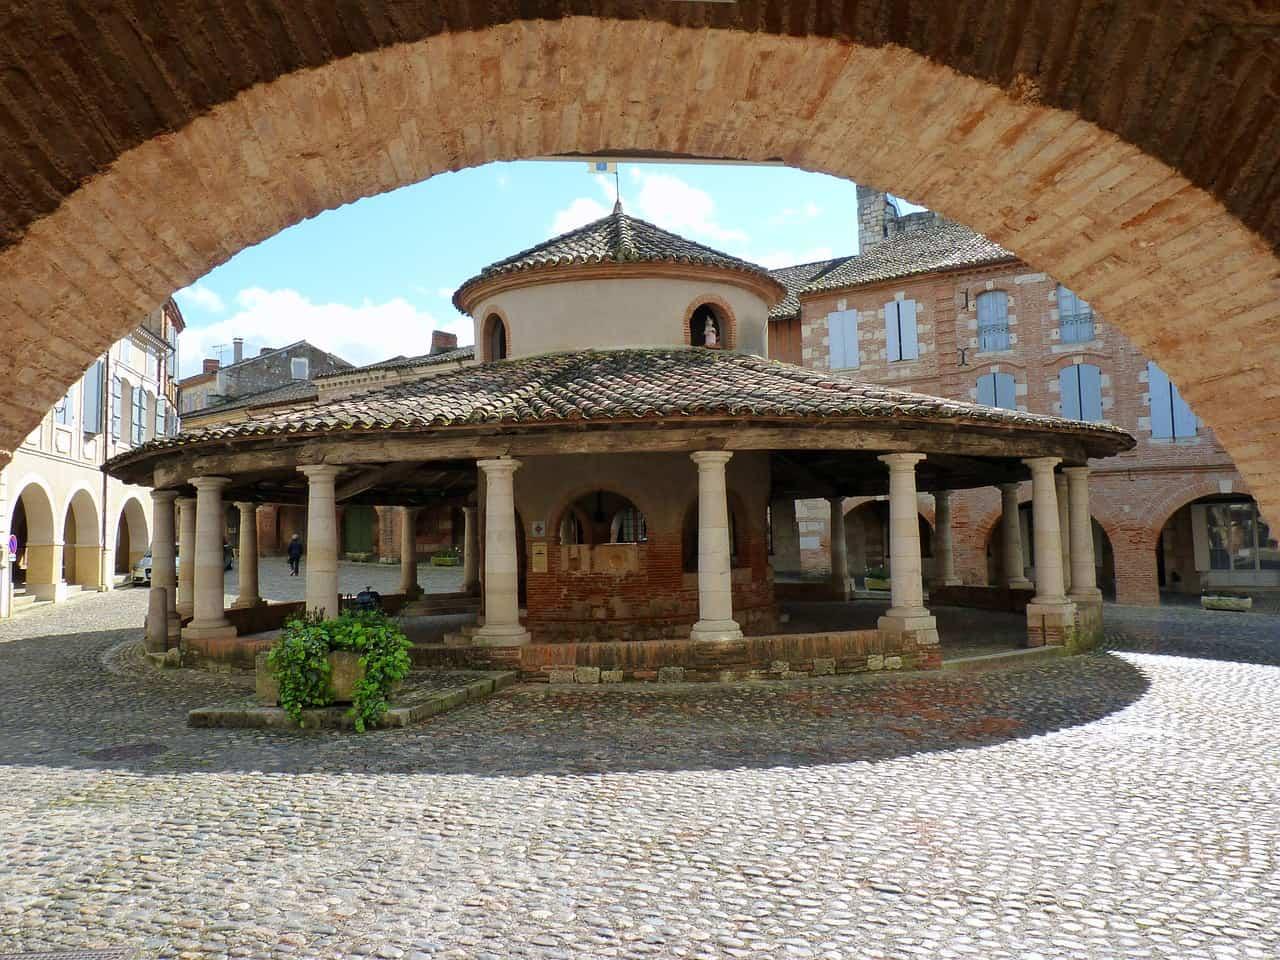 Een overdekte markt in Auvillar, een van de mooiste Franse dorpjes.